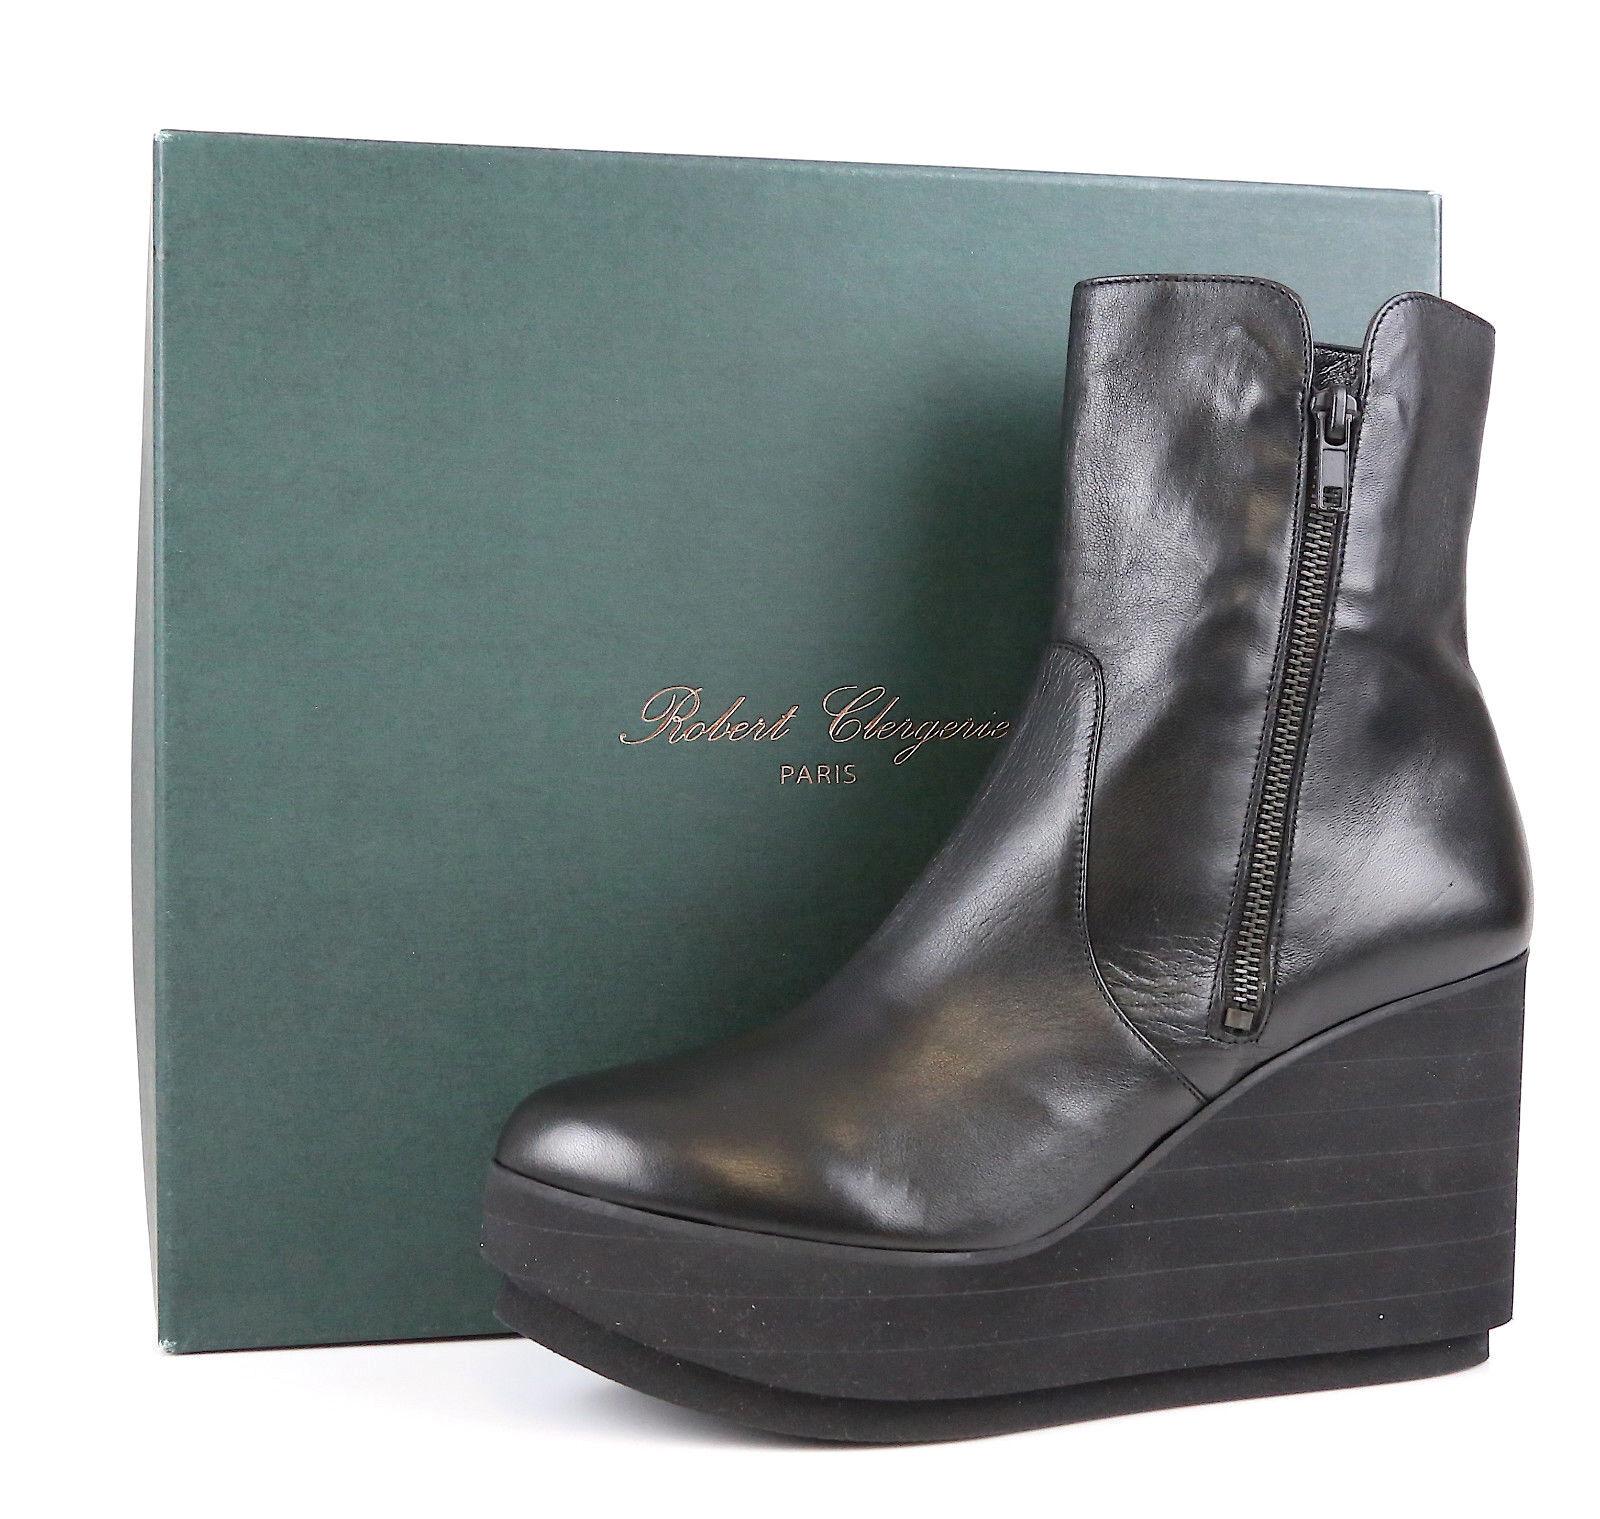 Robert Clergerie Charta 1163 Negro Cuero Cuña Plataforma botas botas botas al Tobillo Talla 10  Todos los productos obtienen hasta un 34% de descuento.